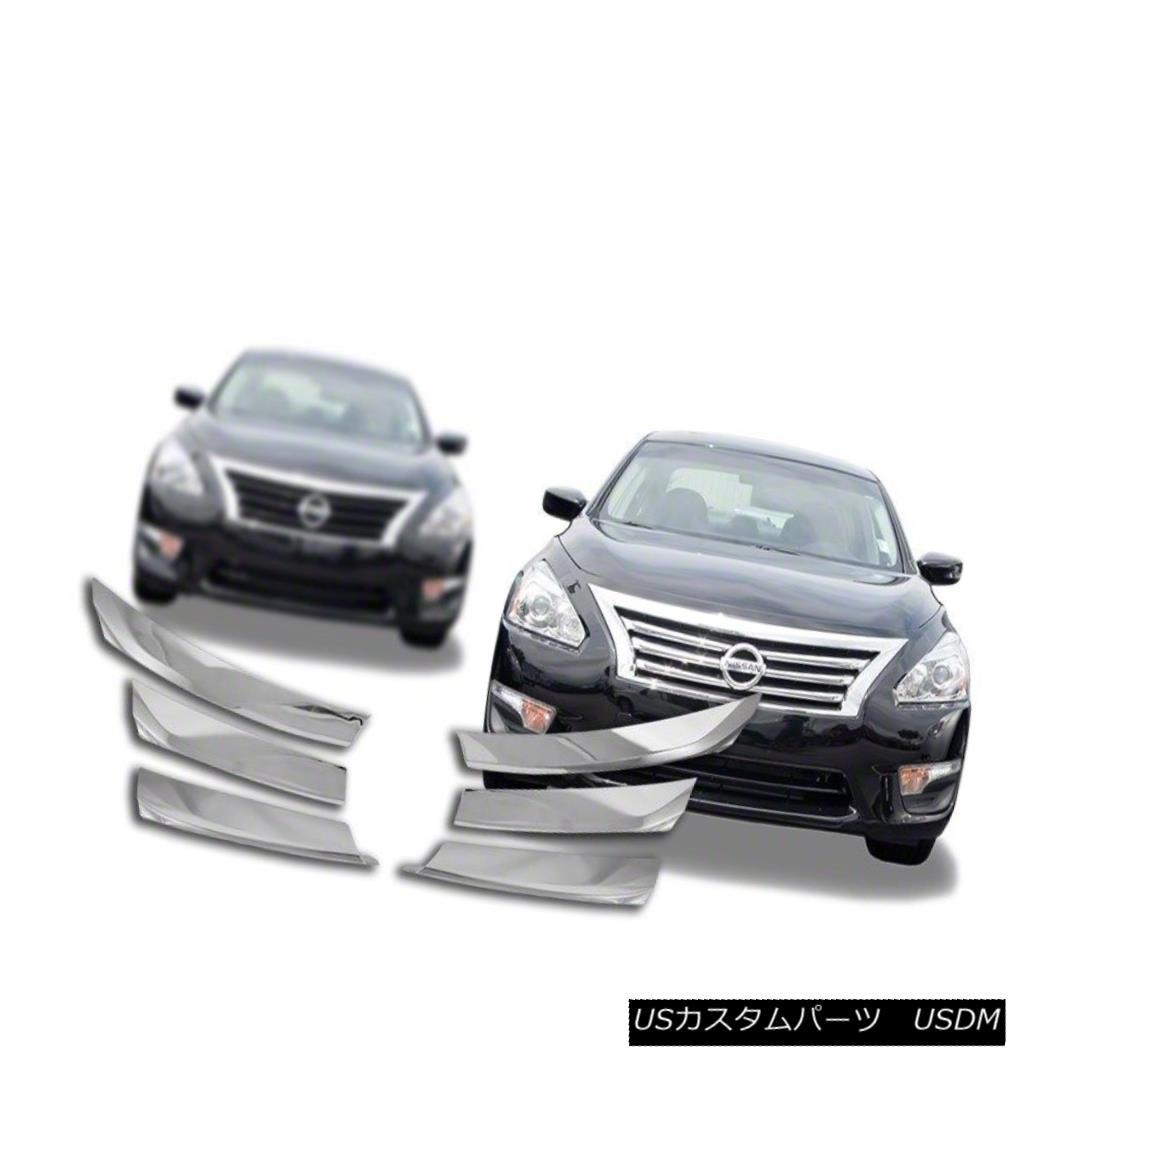 グリル Fits 13-15 Nissan Altima (2.5,3.5 Sedan ONLY)-Chrome Grille Overlay IWCGI114 フィット13-15日産アルティマ(2.5,3.5セダンのみ) - クロームグリルオーバーレイIWCGI114